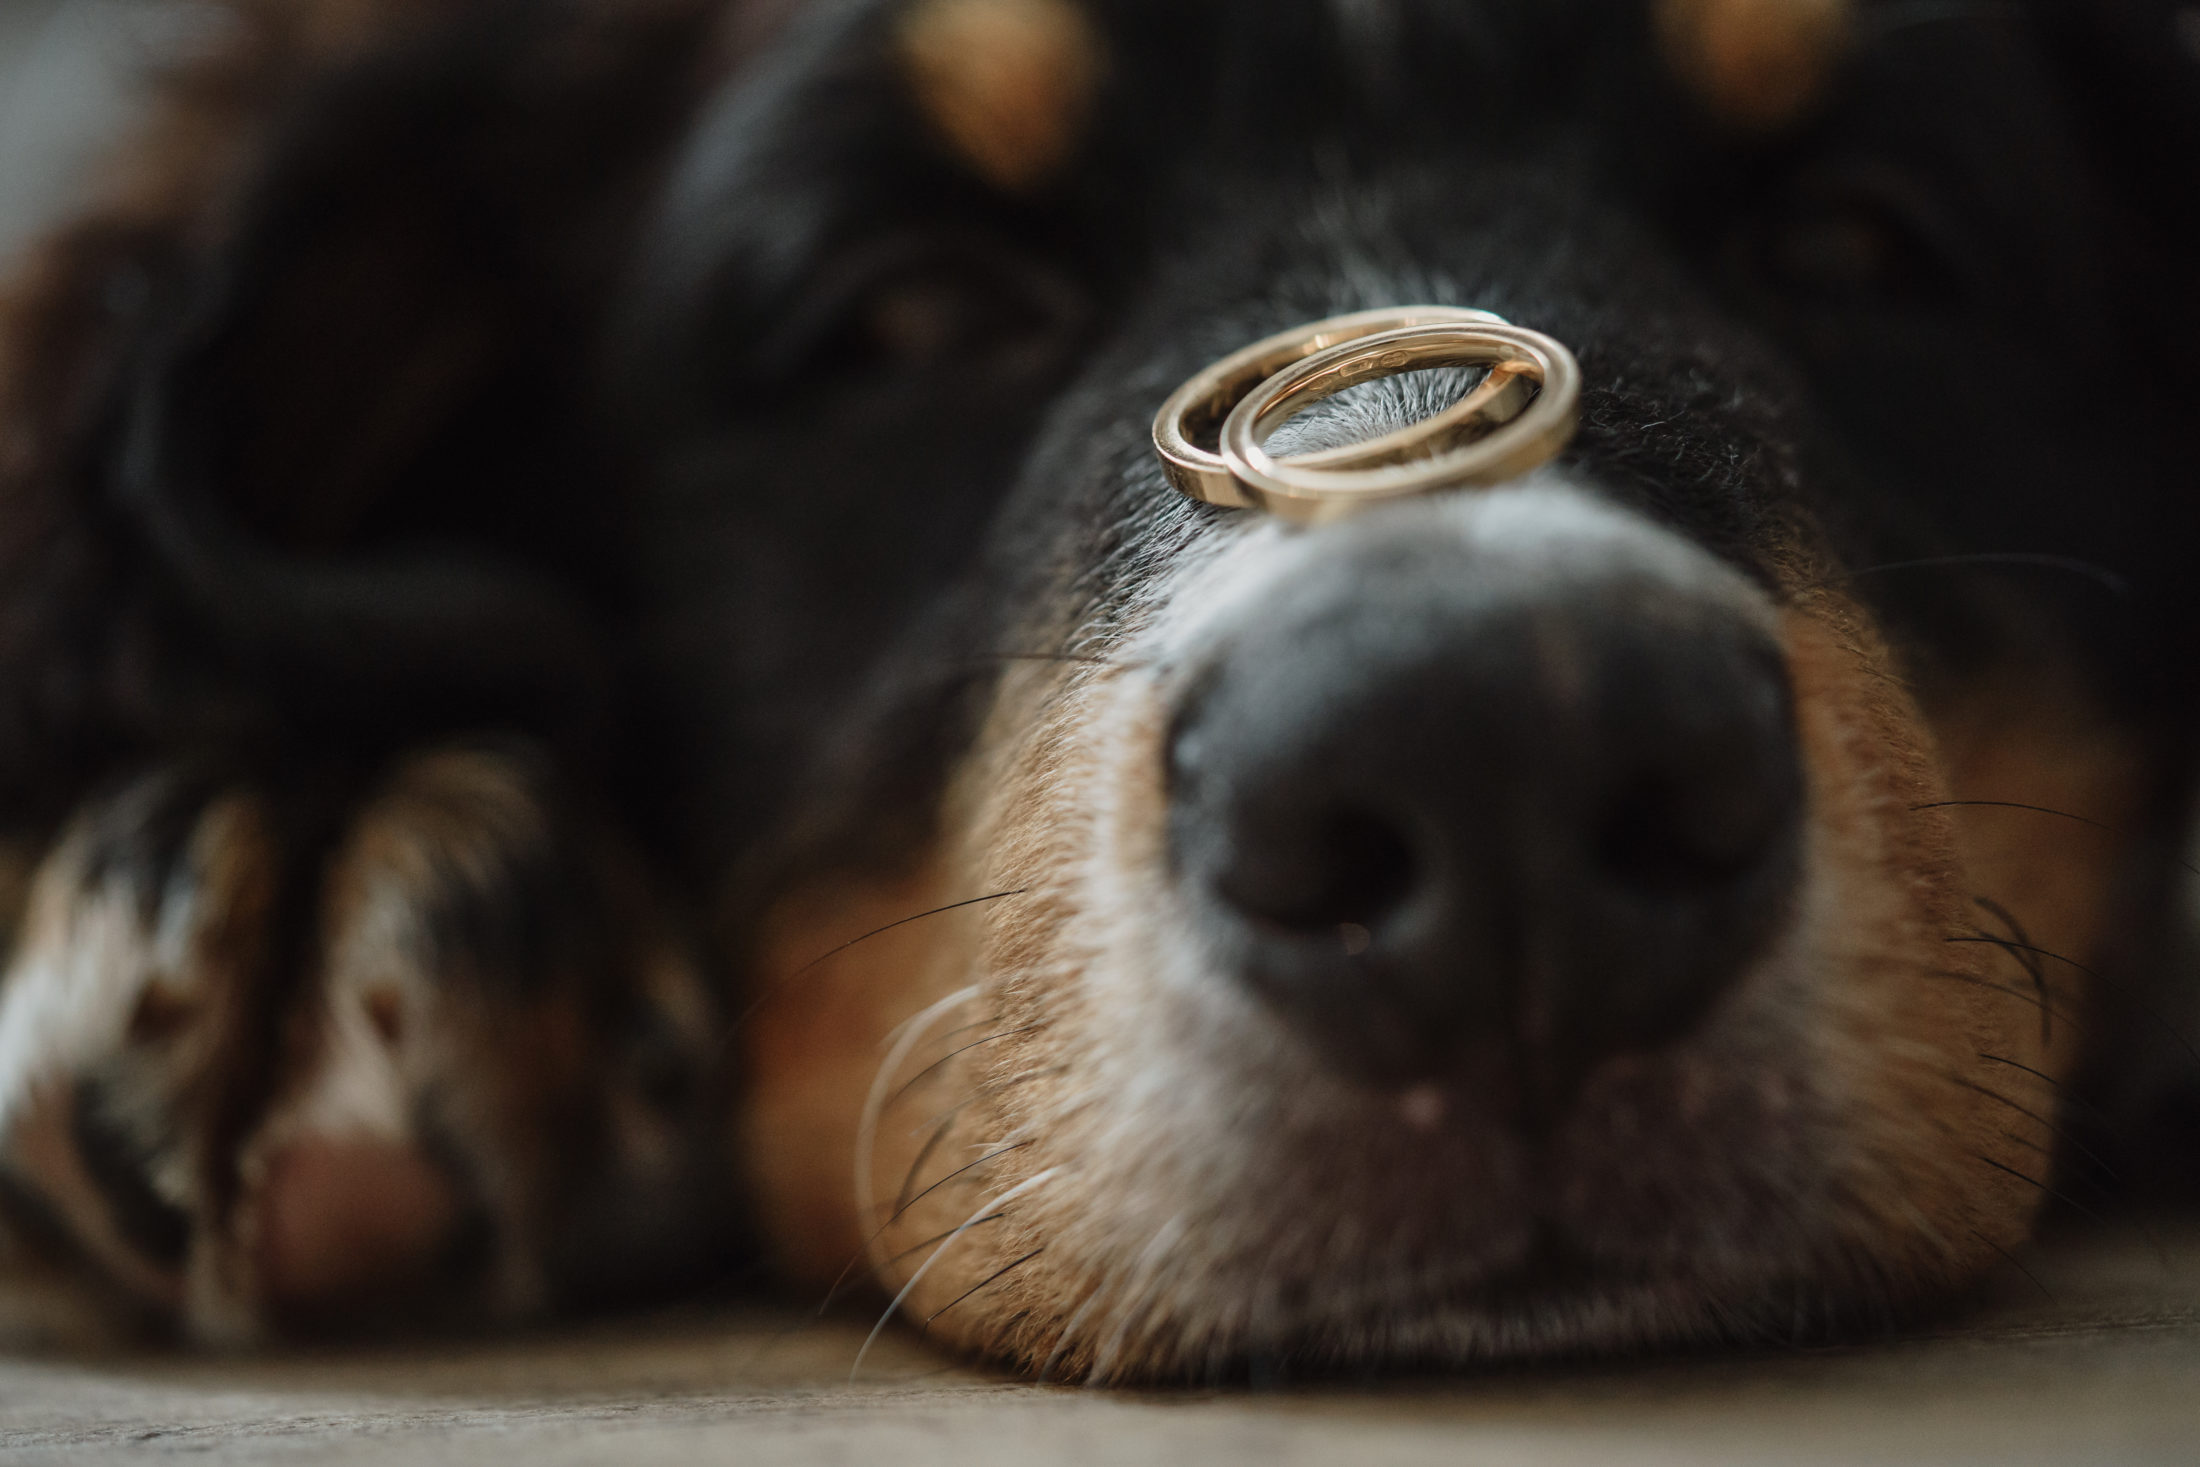 cachorro deitado no chão com alianças no focinho